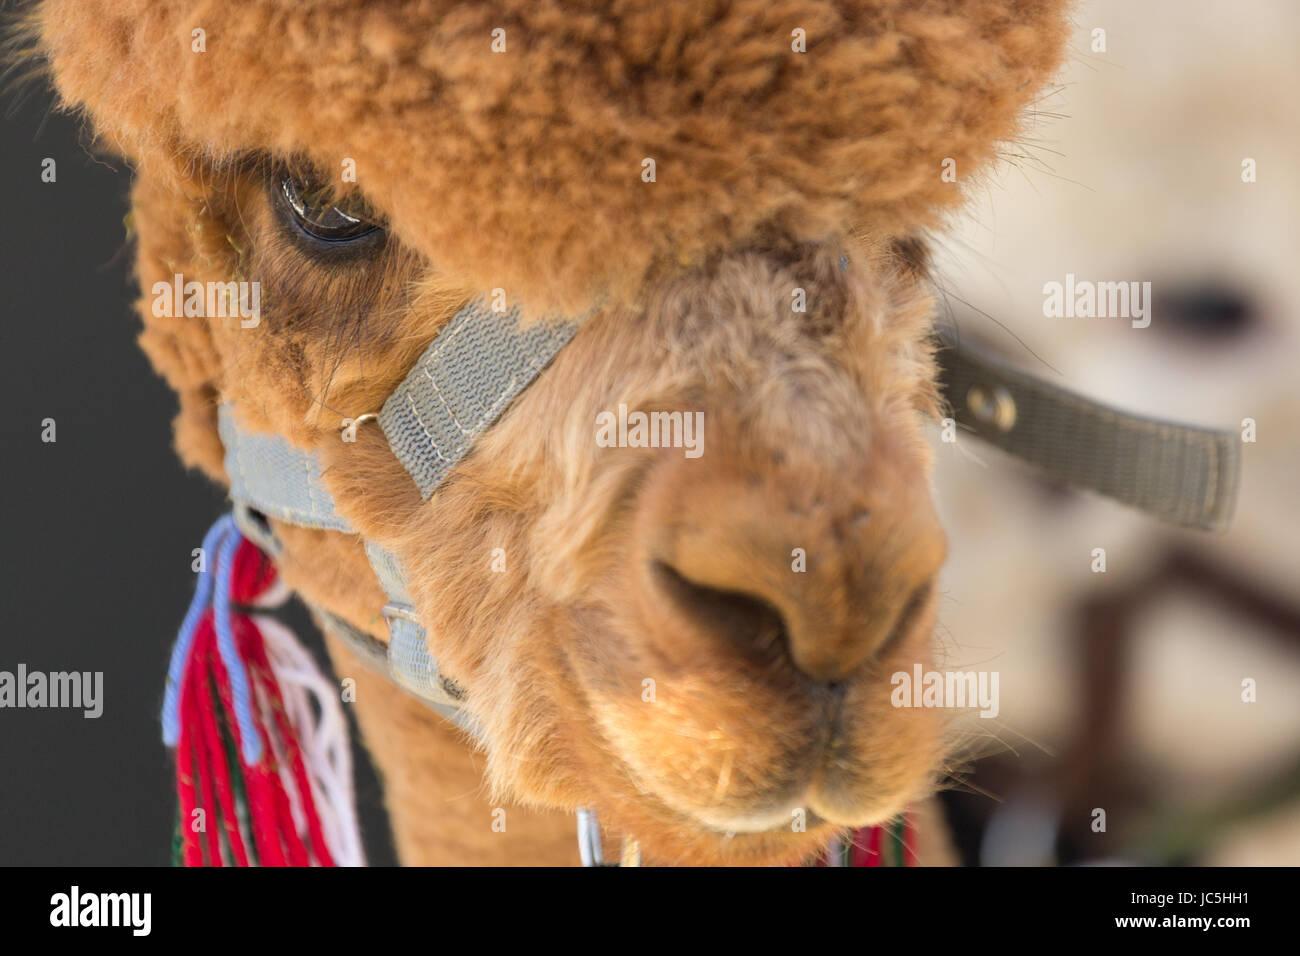 Close-up disparo a la cabeza de color marrón/cautivos de jengibre de alpaca (Vicugna pacos) en la pantalla Imagen De Stock